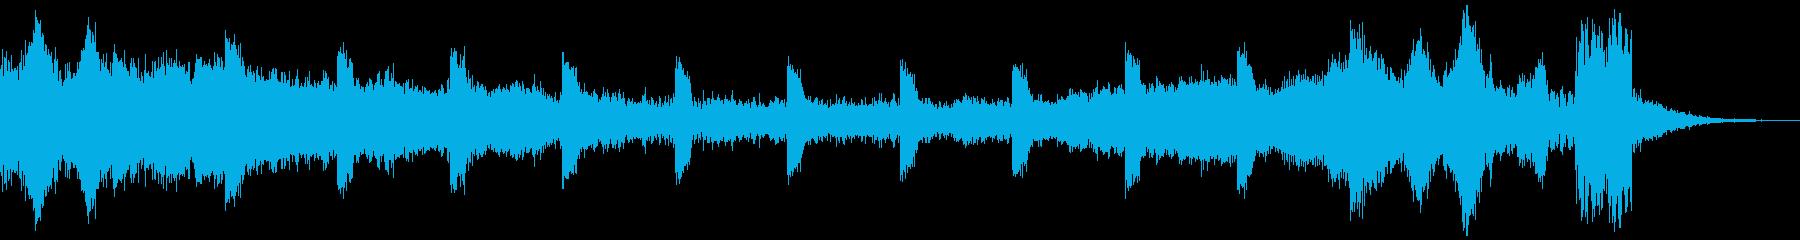 シンキングタイム(15秒)の再生済みの波形